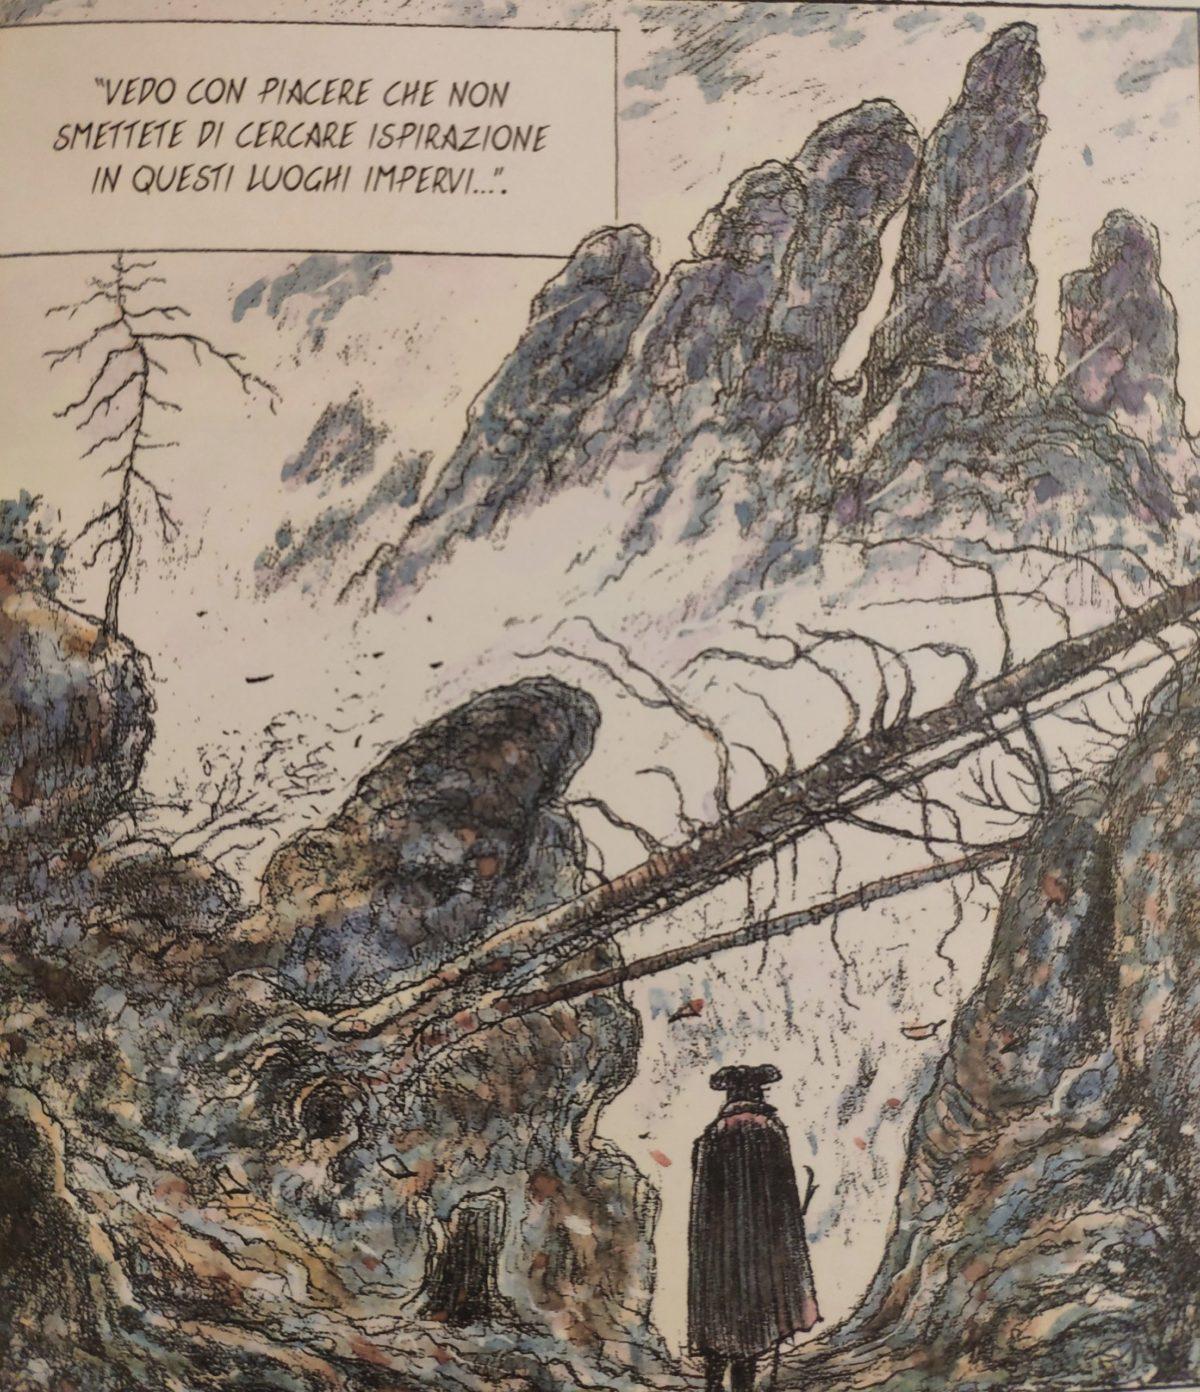 Mio caro fumetto… – Burrone roccioso nelle montagne di arenaria dell'Elba